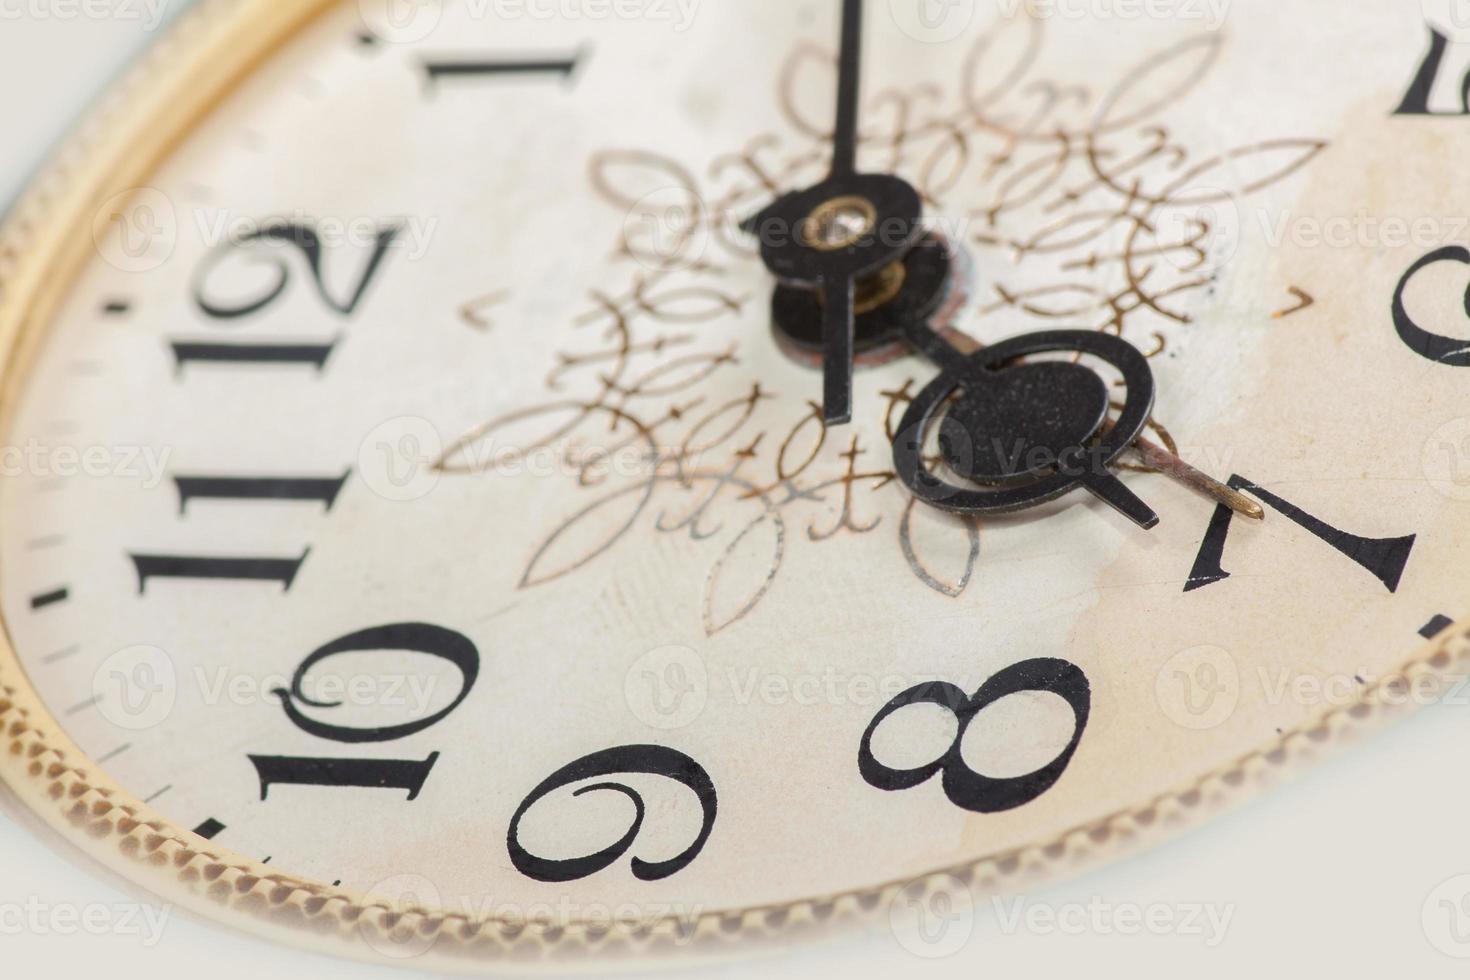 cara de reloj, macro foto